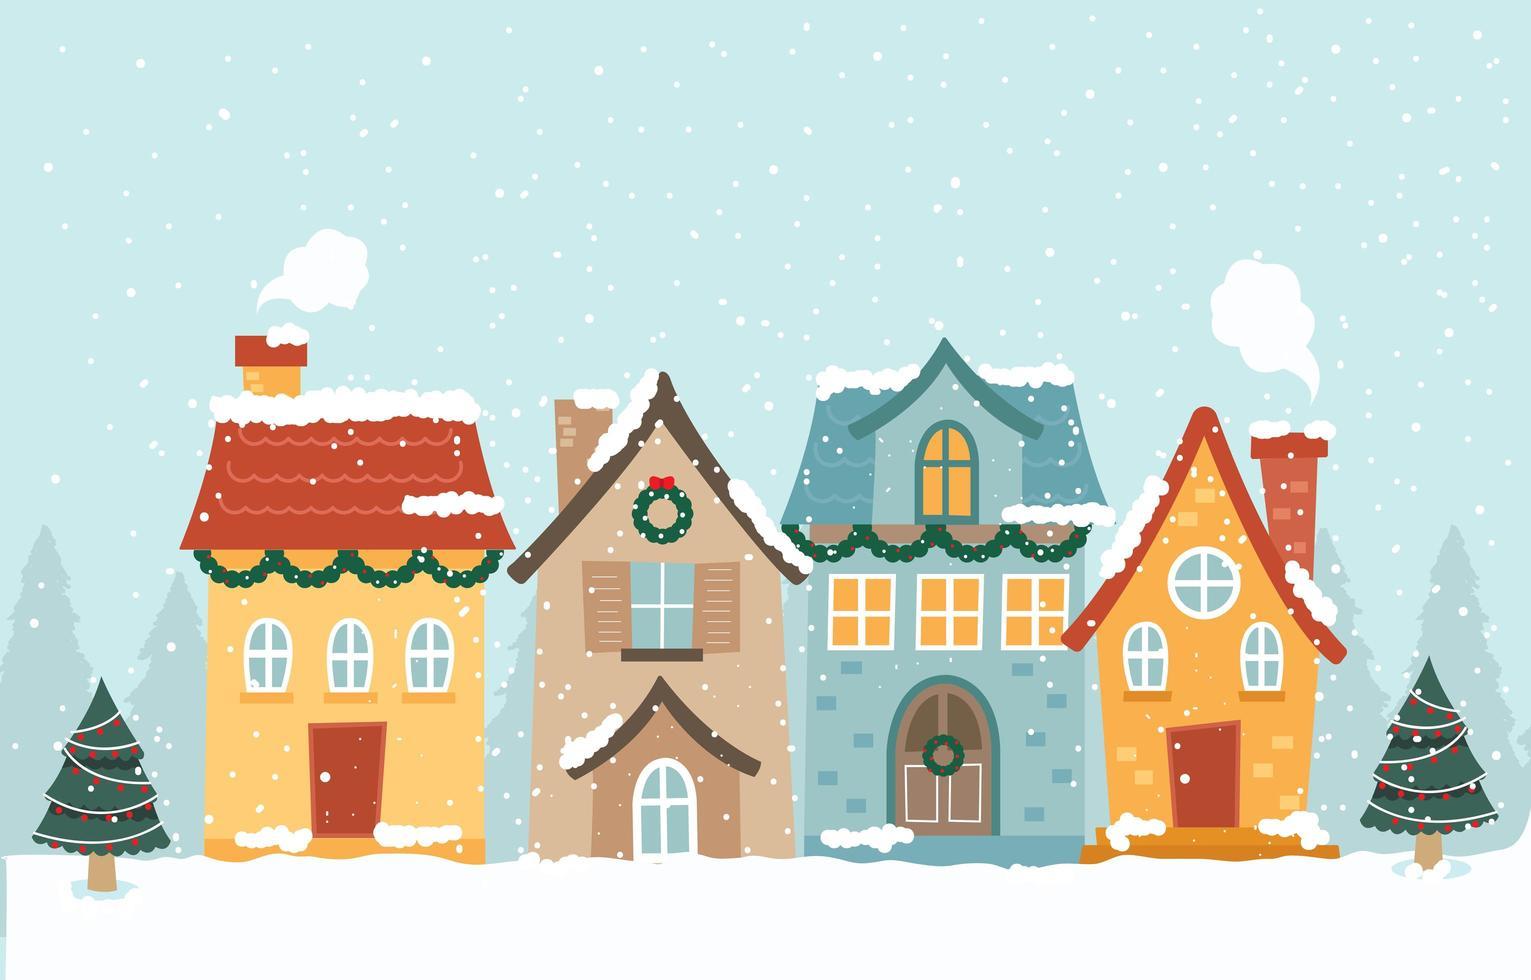 quattro case coperte di neve durante la stagione invernale vettore